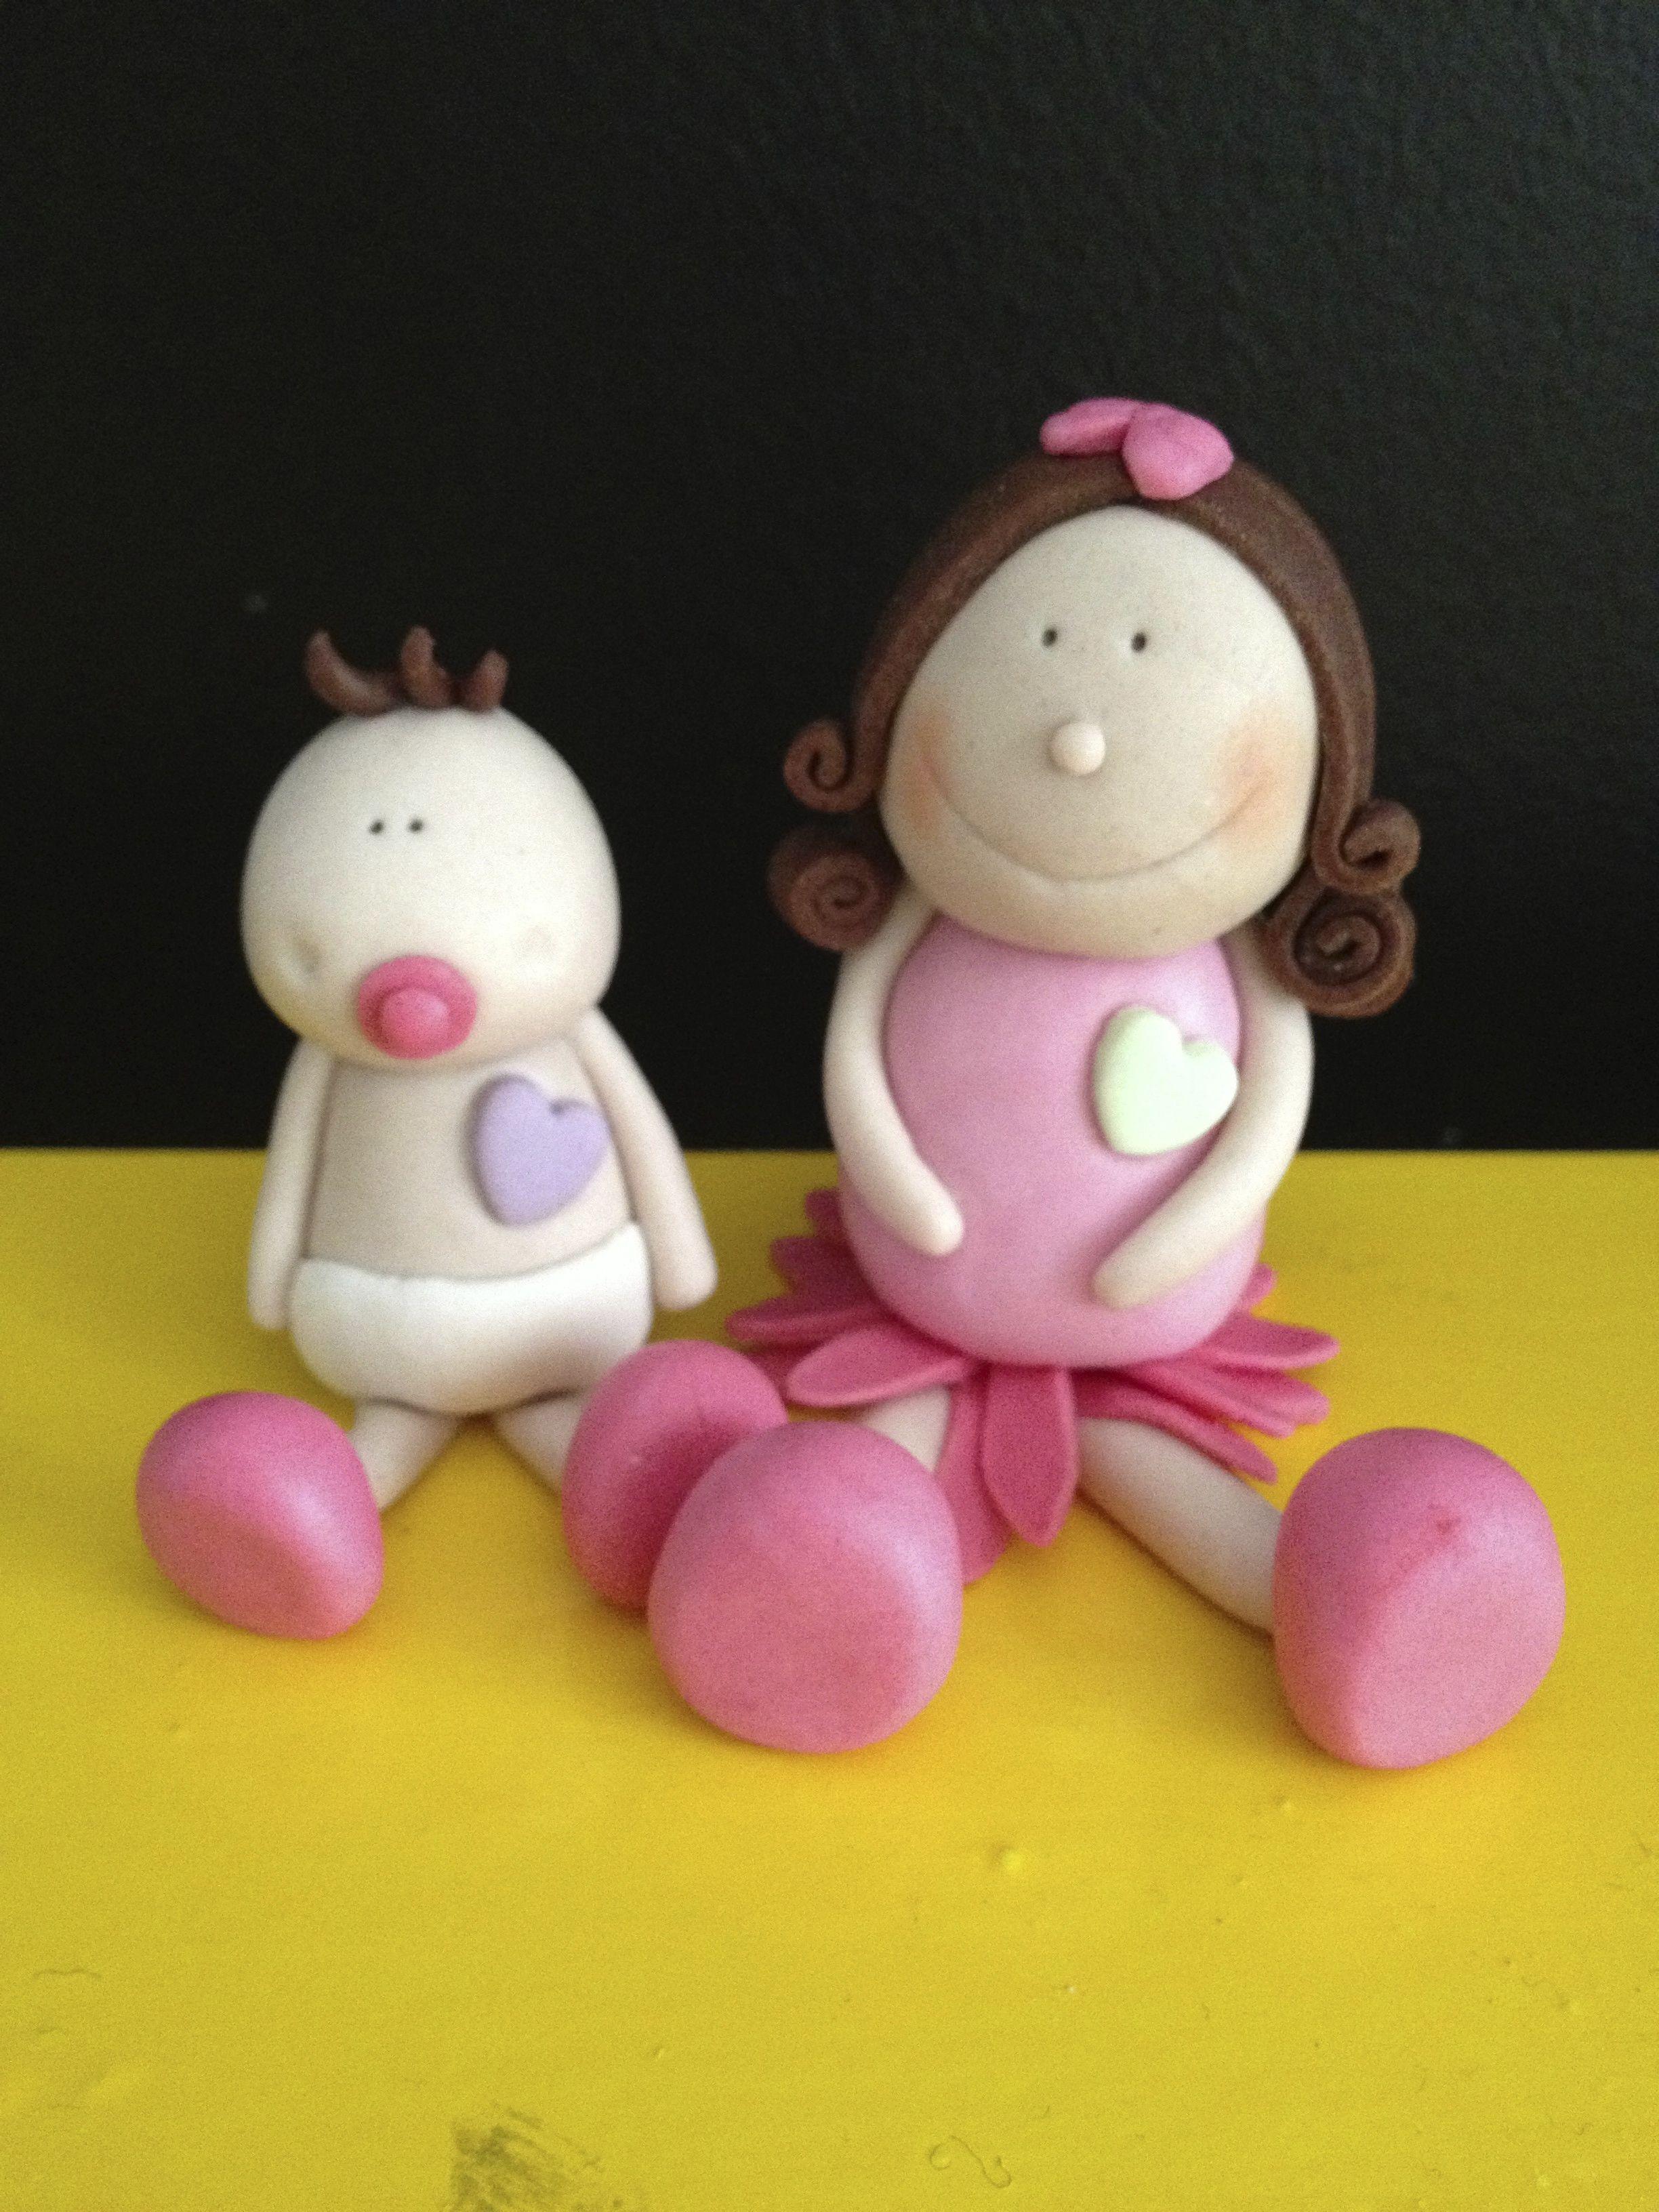 Sugar paste little girls